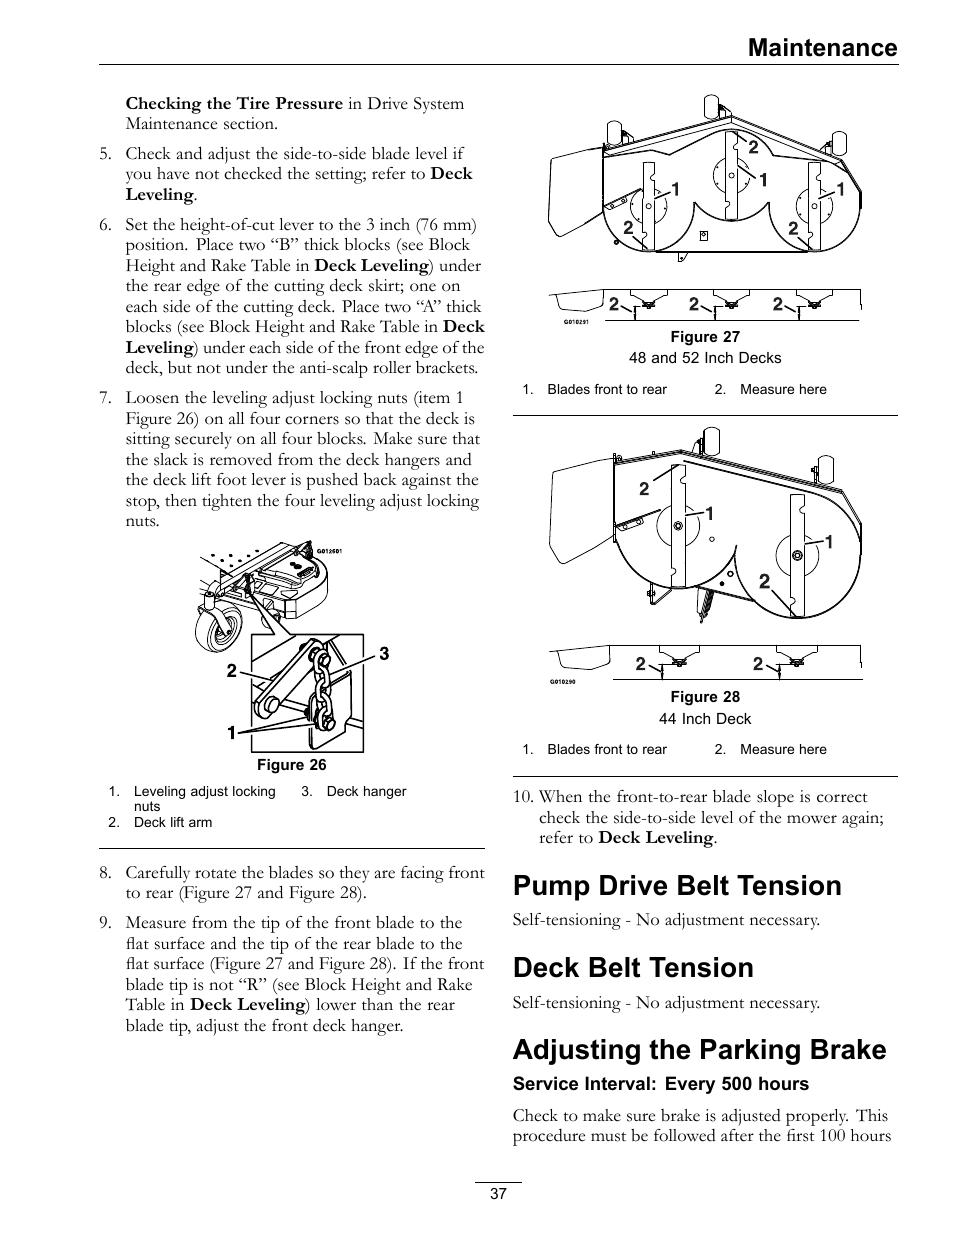 Pump Drive Belt Tension  Deck Belt Tension  Adjusting The Parking Brake